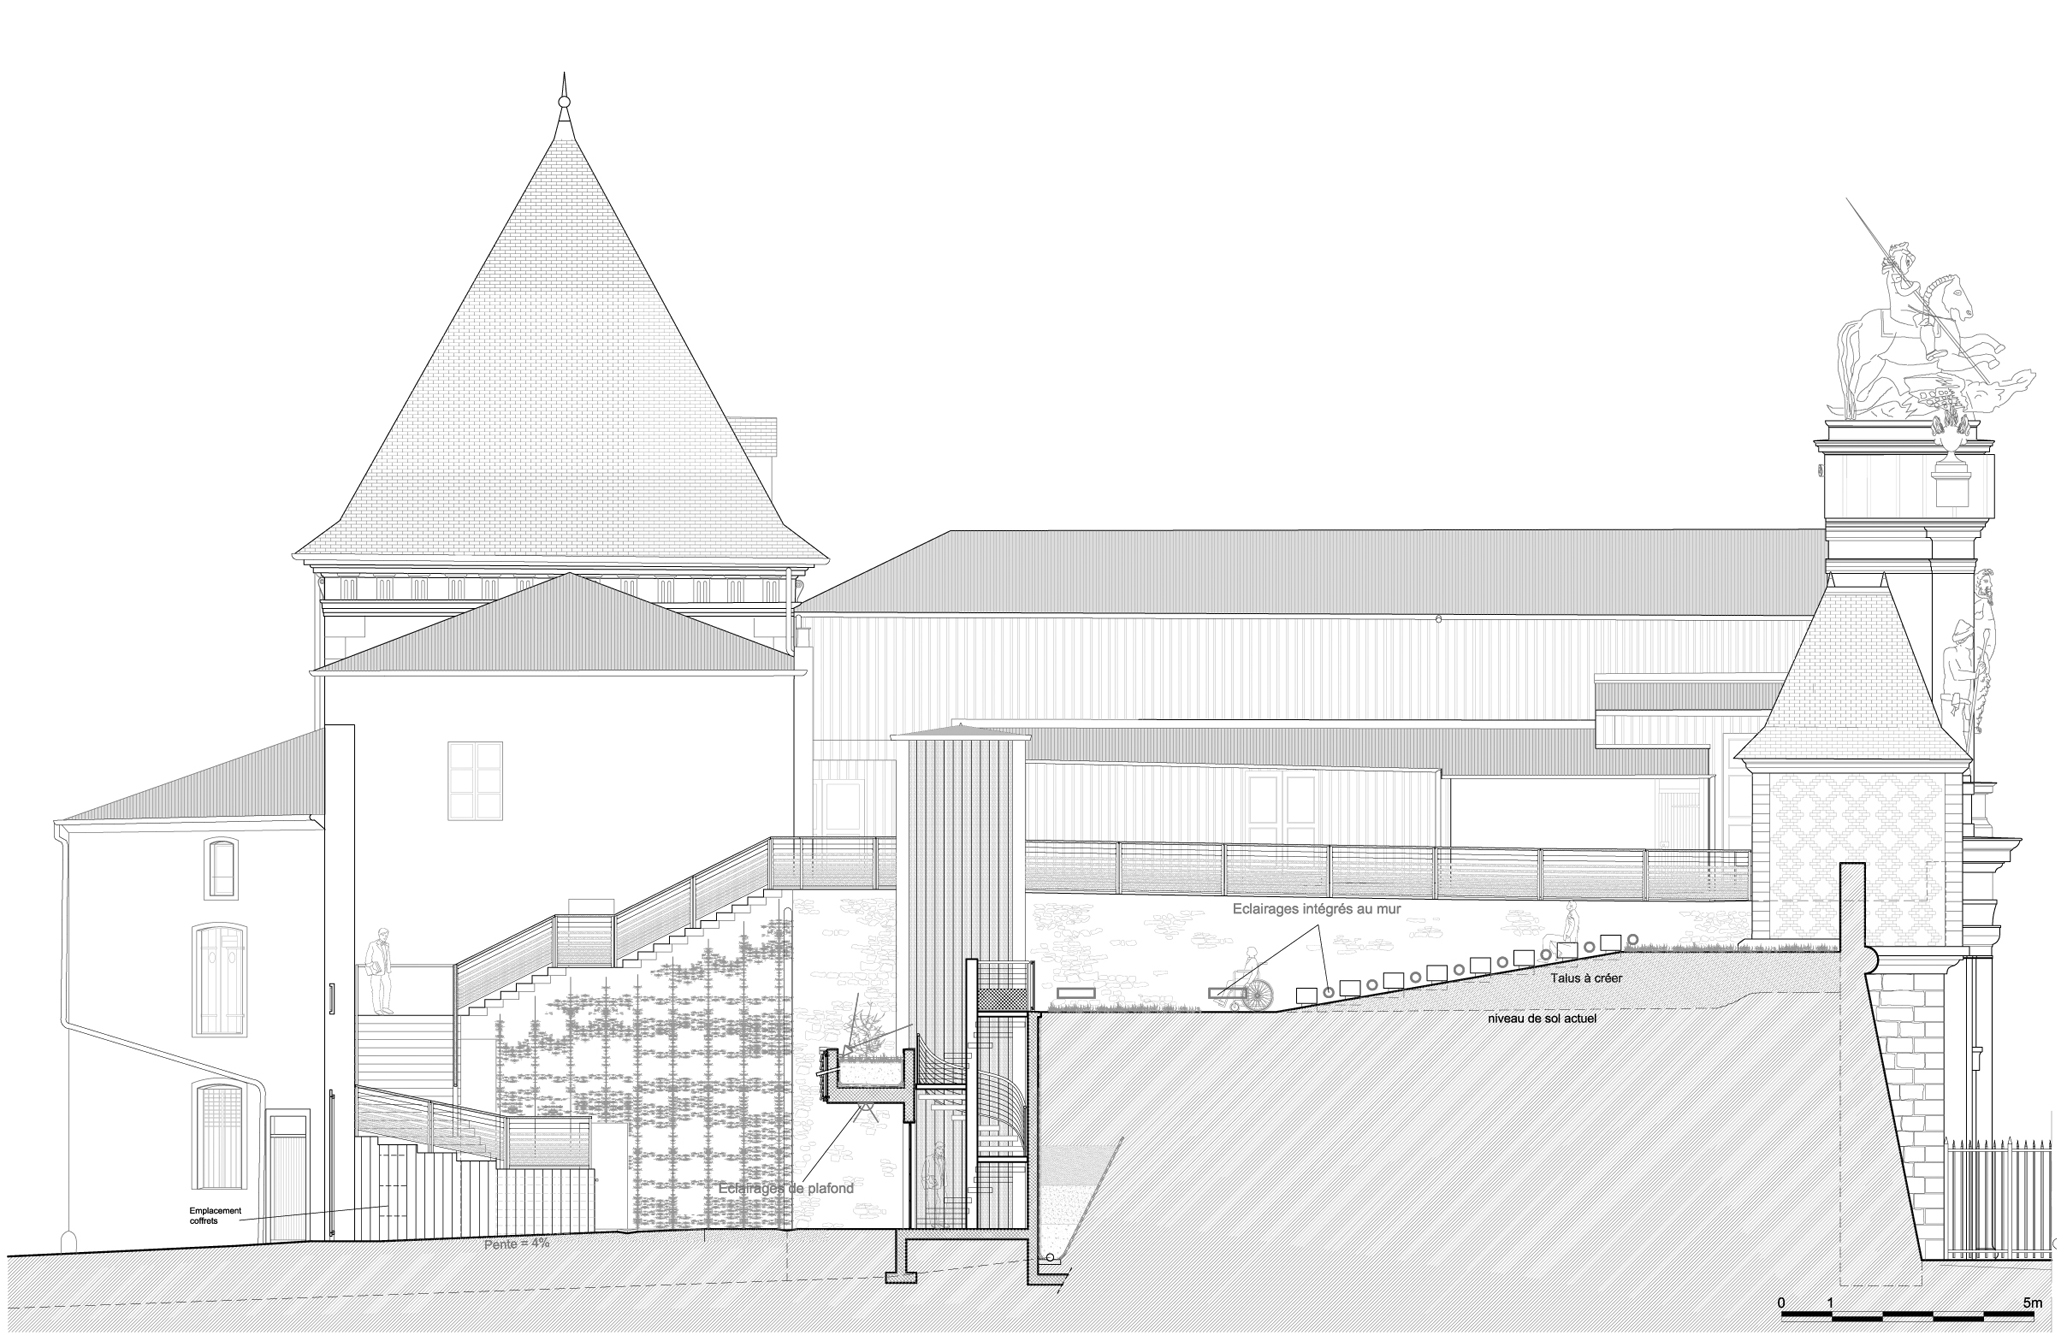 Agence Caillault ACMH – Porte St Georges, Nancy – Coupe longitudinale sur le théâtre